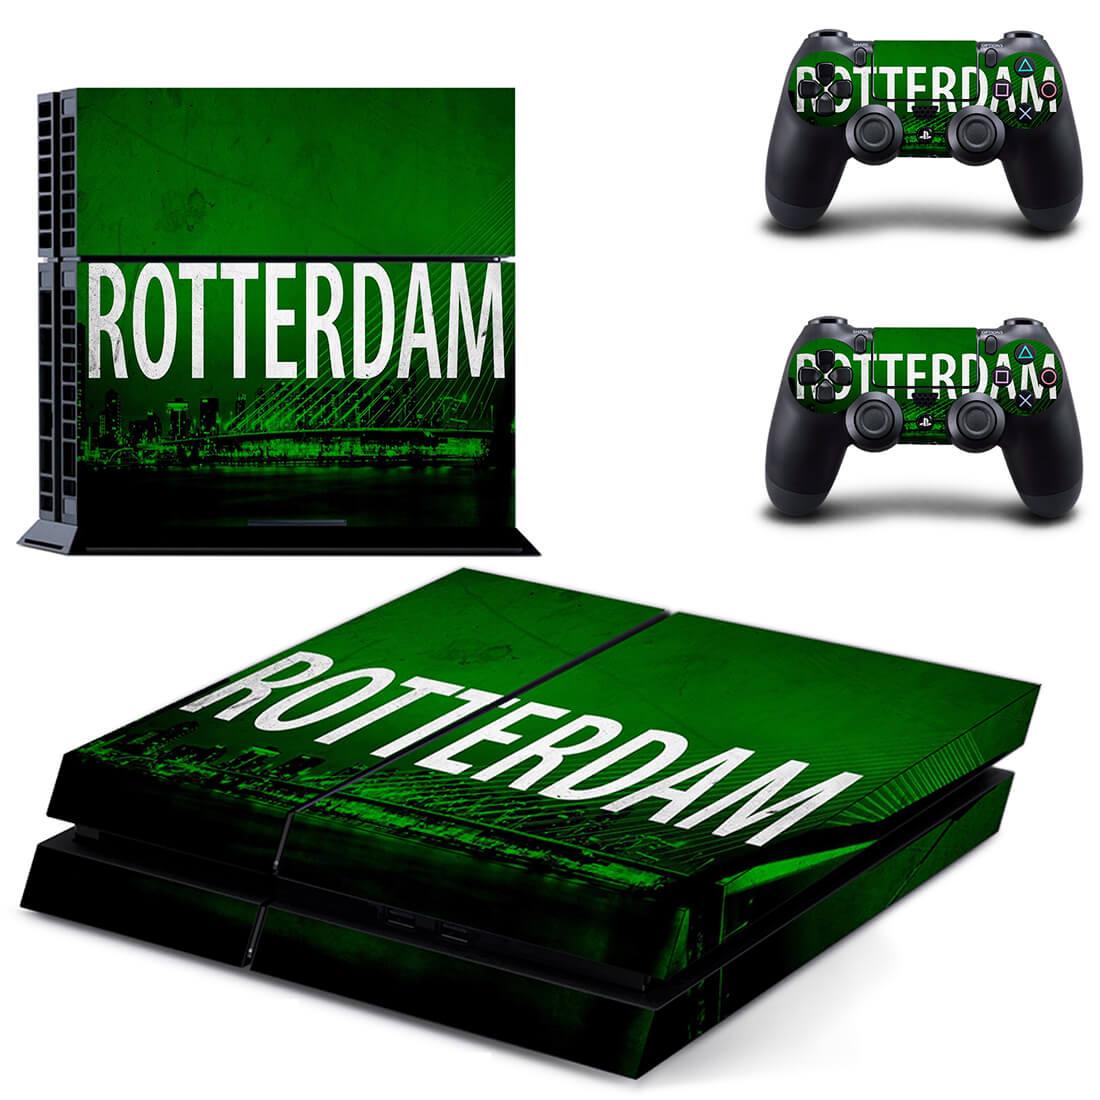 Rotterdam PS4 skin